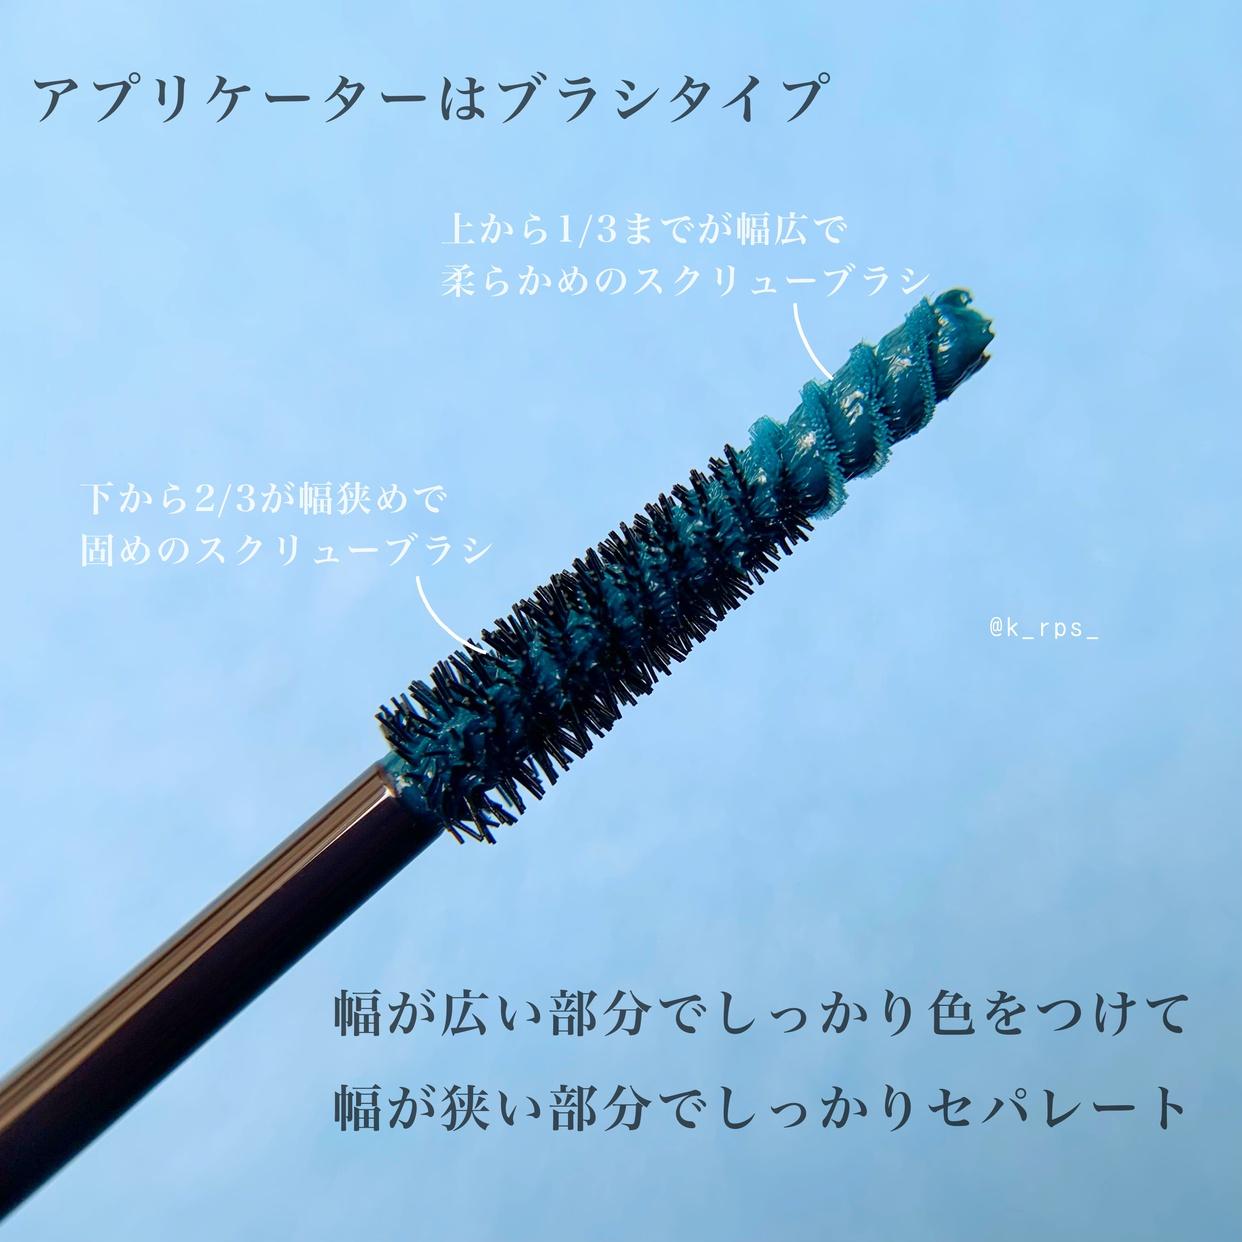 DAZZSHOP(ダズショップ) マルチ プルーフ ラスティング マスカラを使ったKeiさんのクチコミ画像2